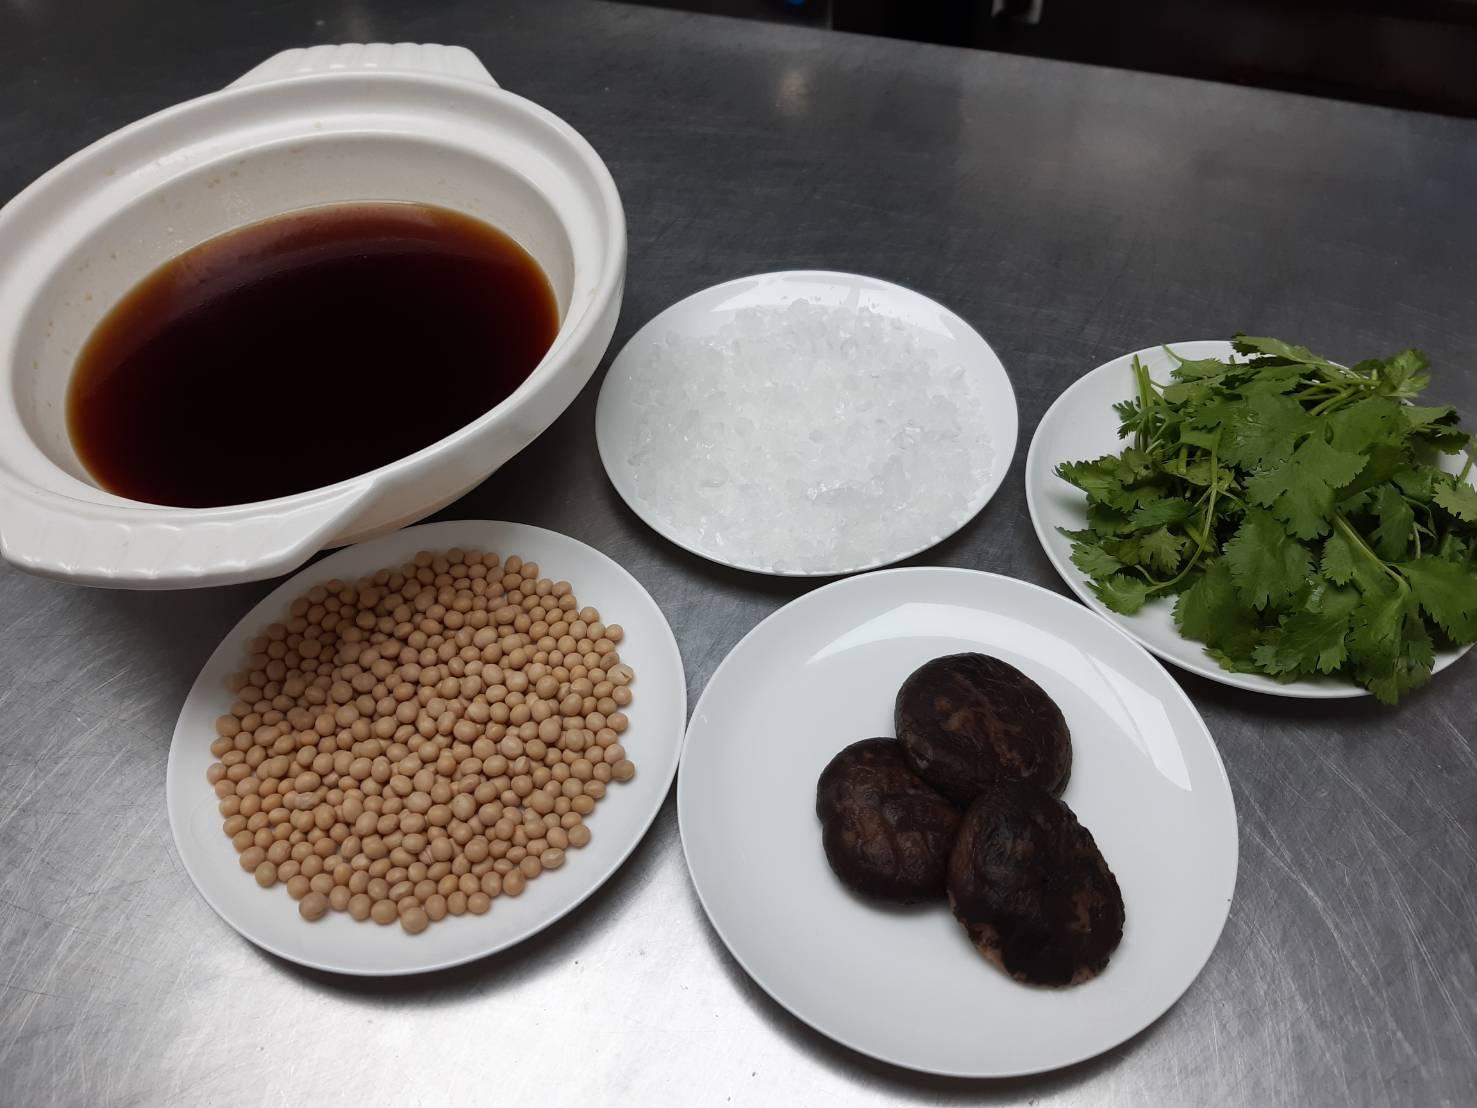 鄔海明調製蒸魚醬料用的食材,包括黃豆、香菇、香菜、冰糖以及醬油。(謝明玲攝)